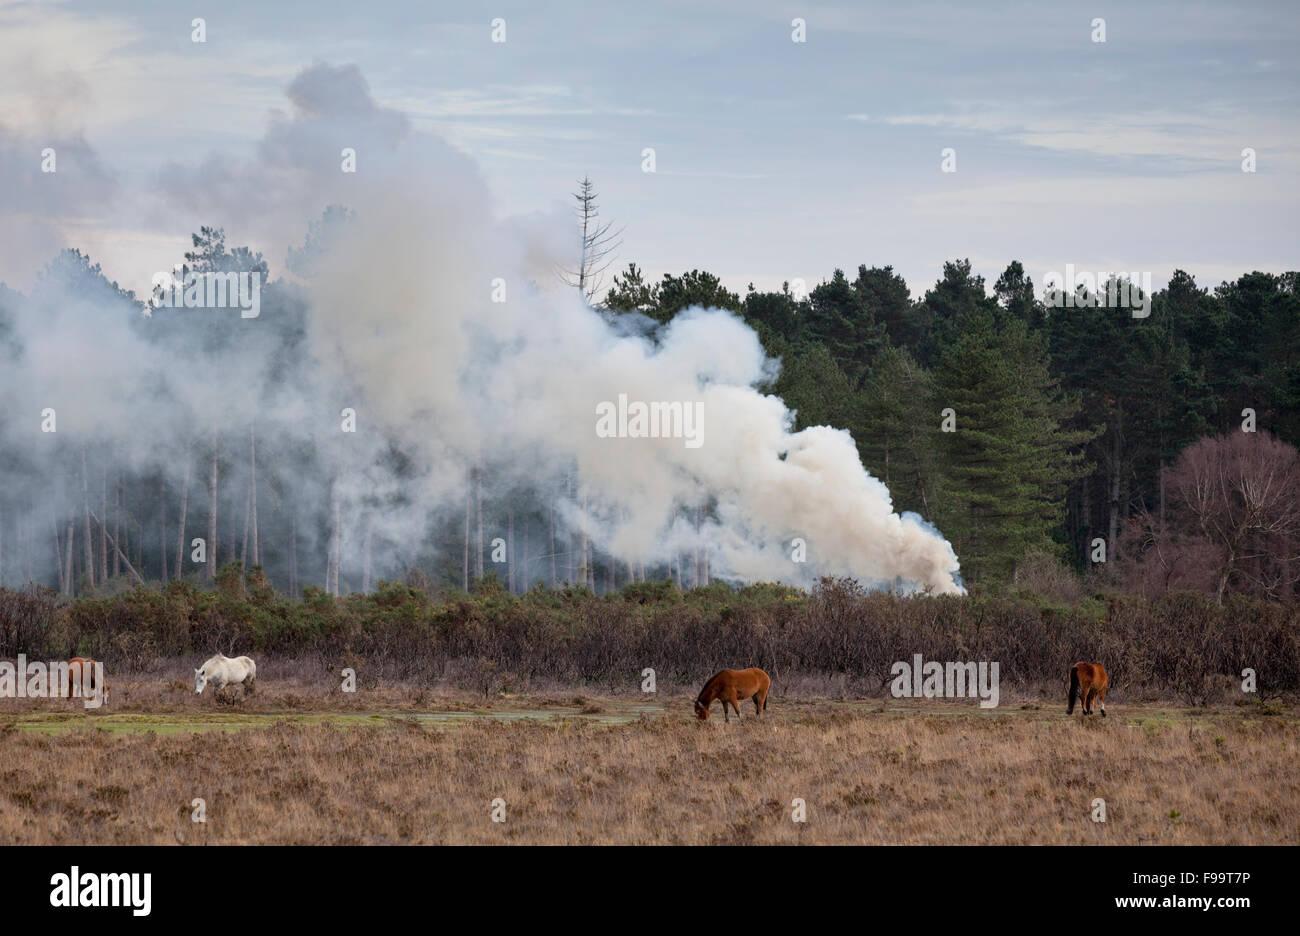 Rauch aus der kontrollierten Verbrennung im New Forest verwendet, um den Wald zu bewirtschaften Stockbild